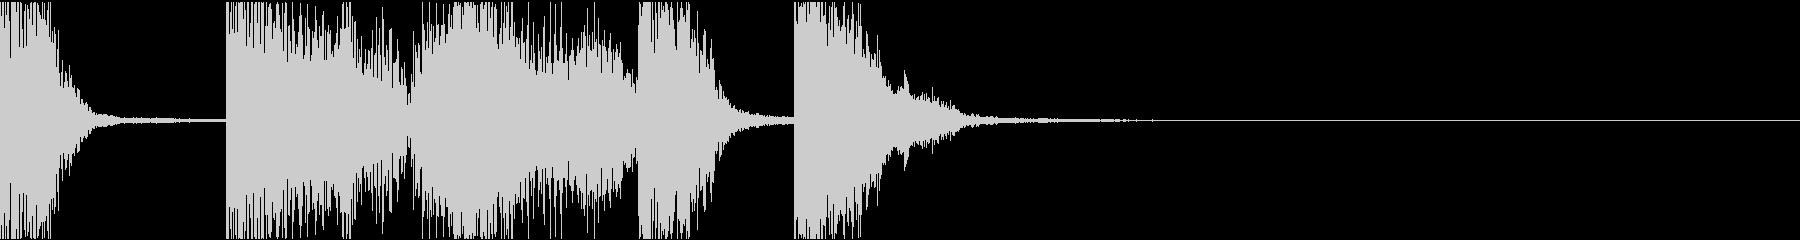 インパクト、イケイケ/サウンドロゴの未再生の波形